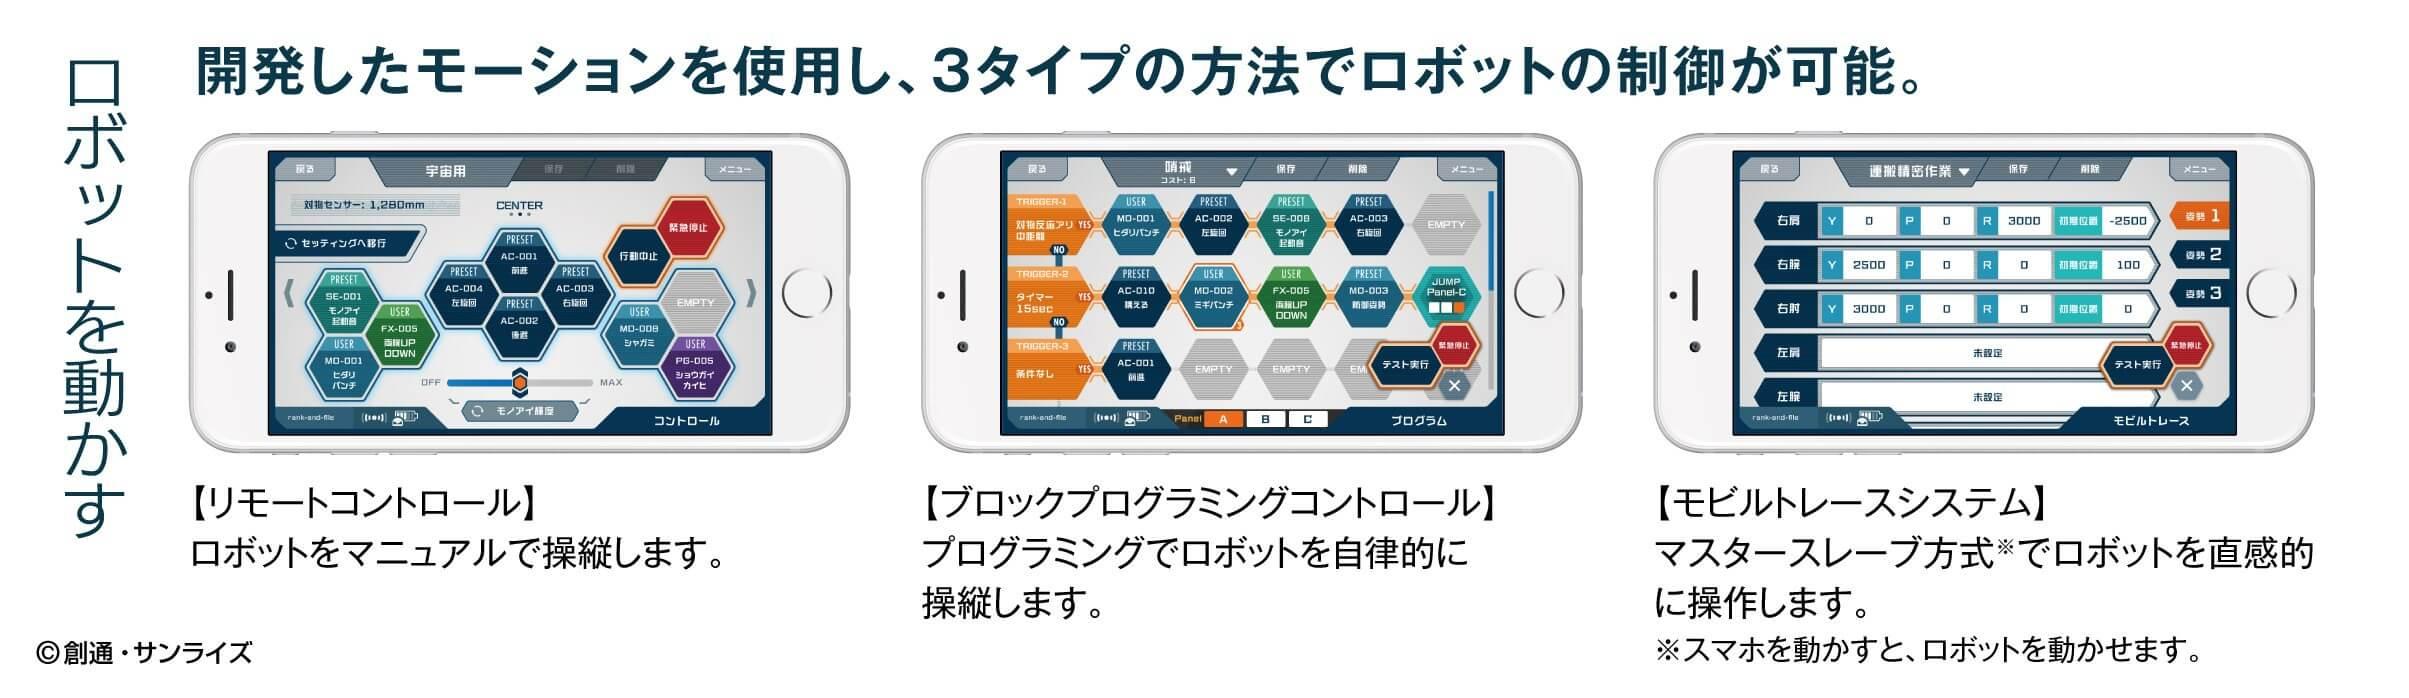 実際のアプリ画面 画像提供:バンダイ